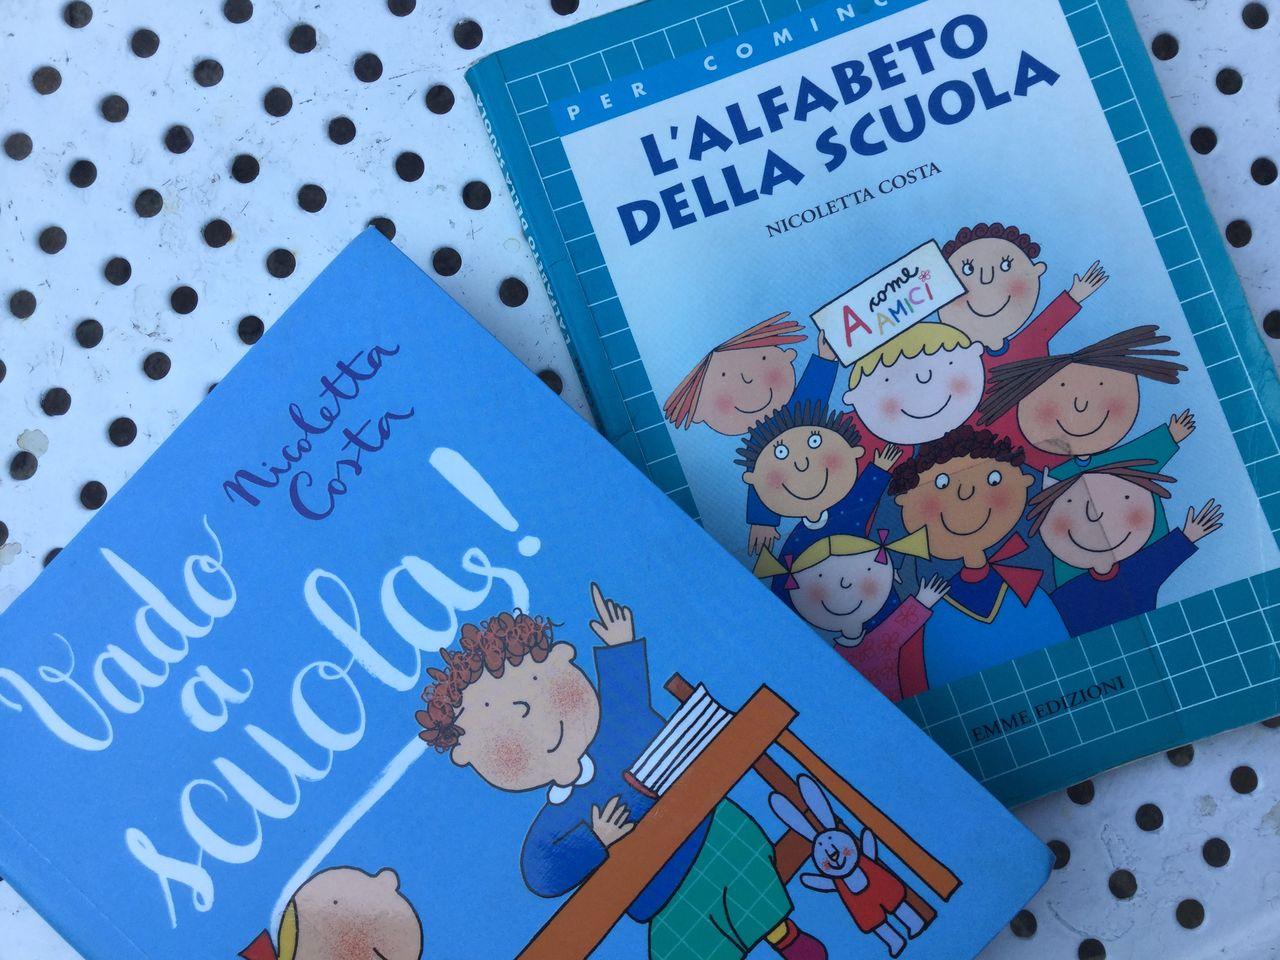 Nicoletta Costa, Vado a scuola, El